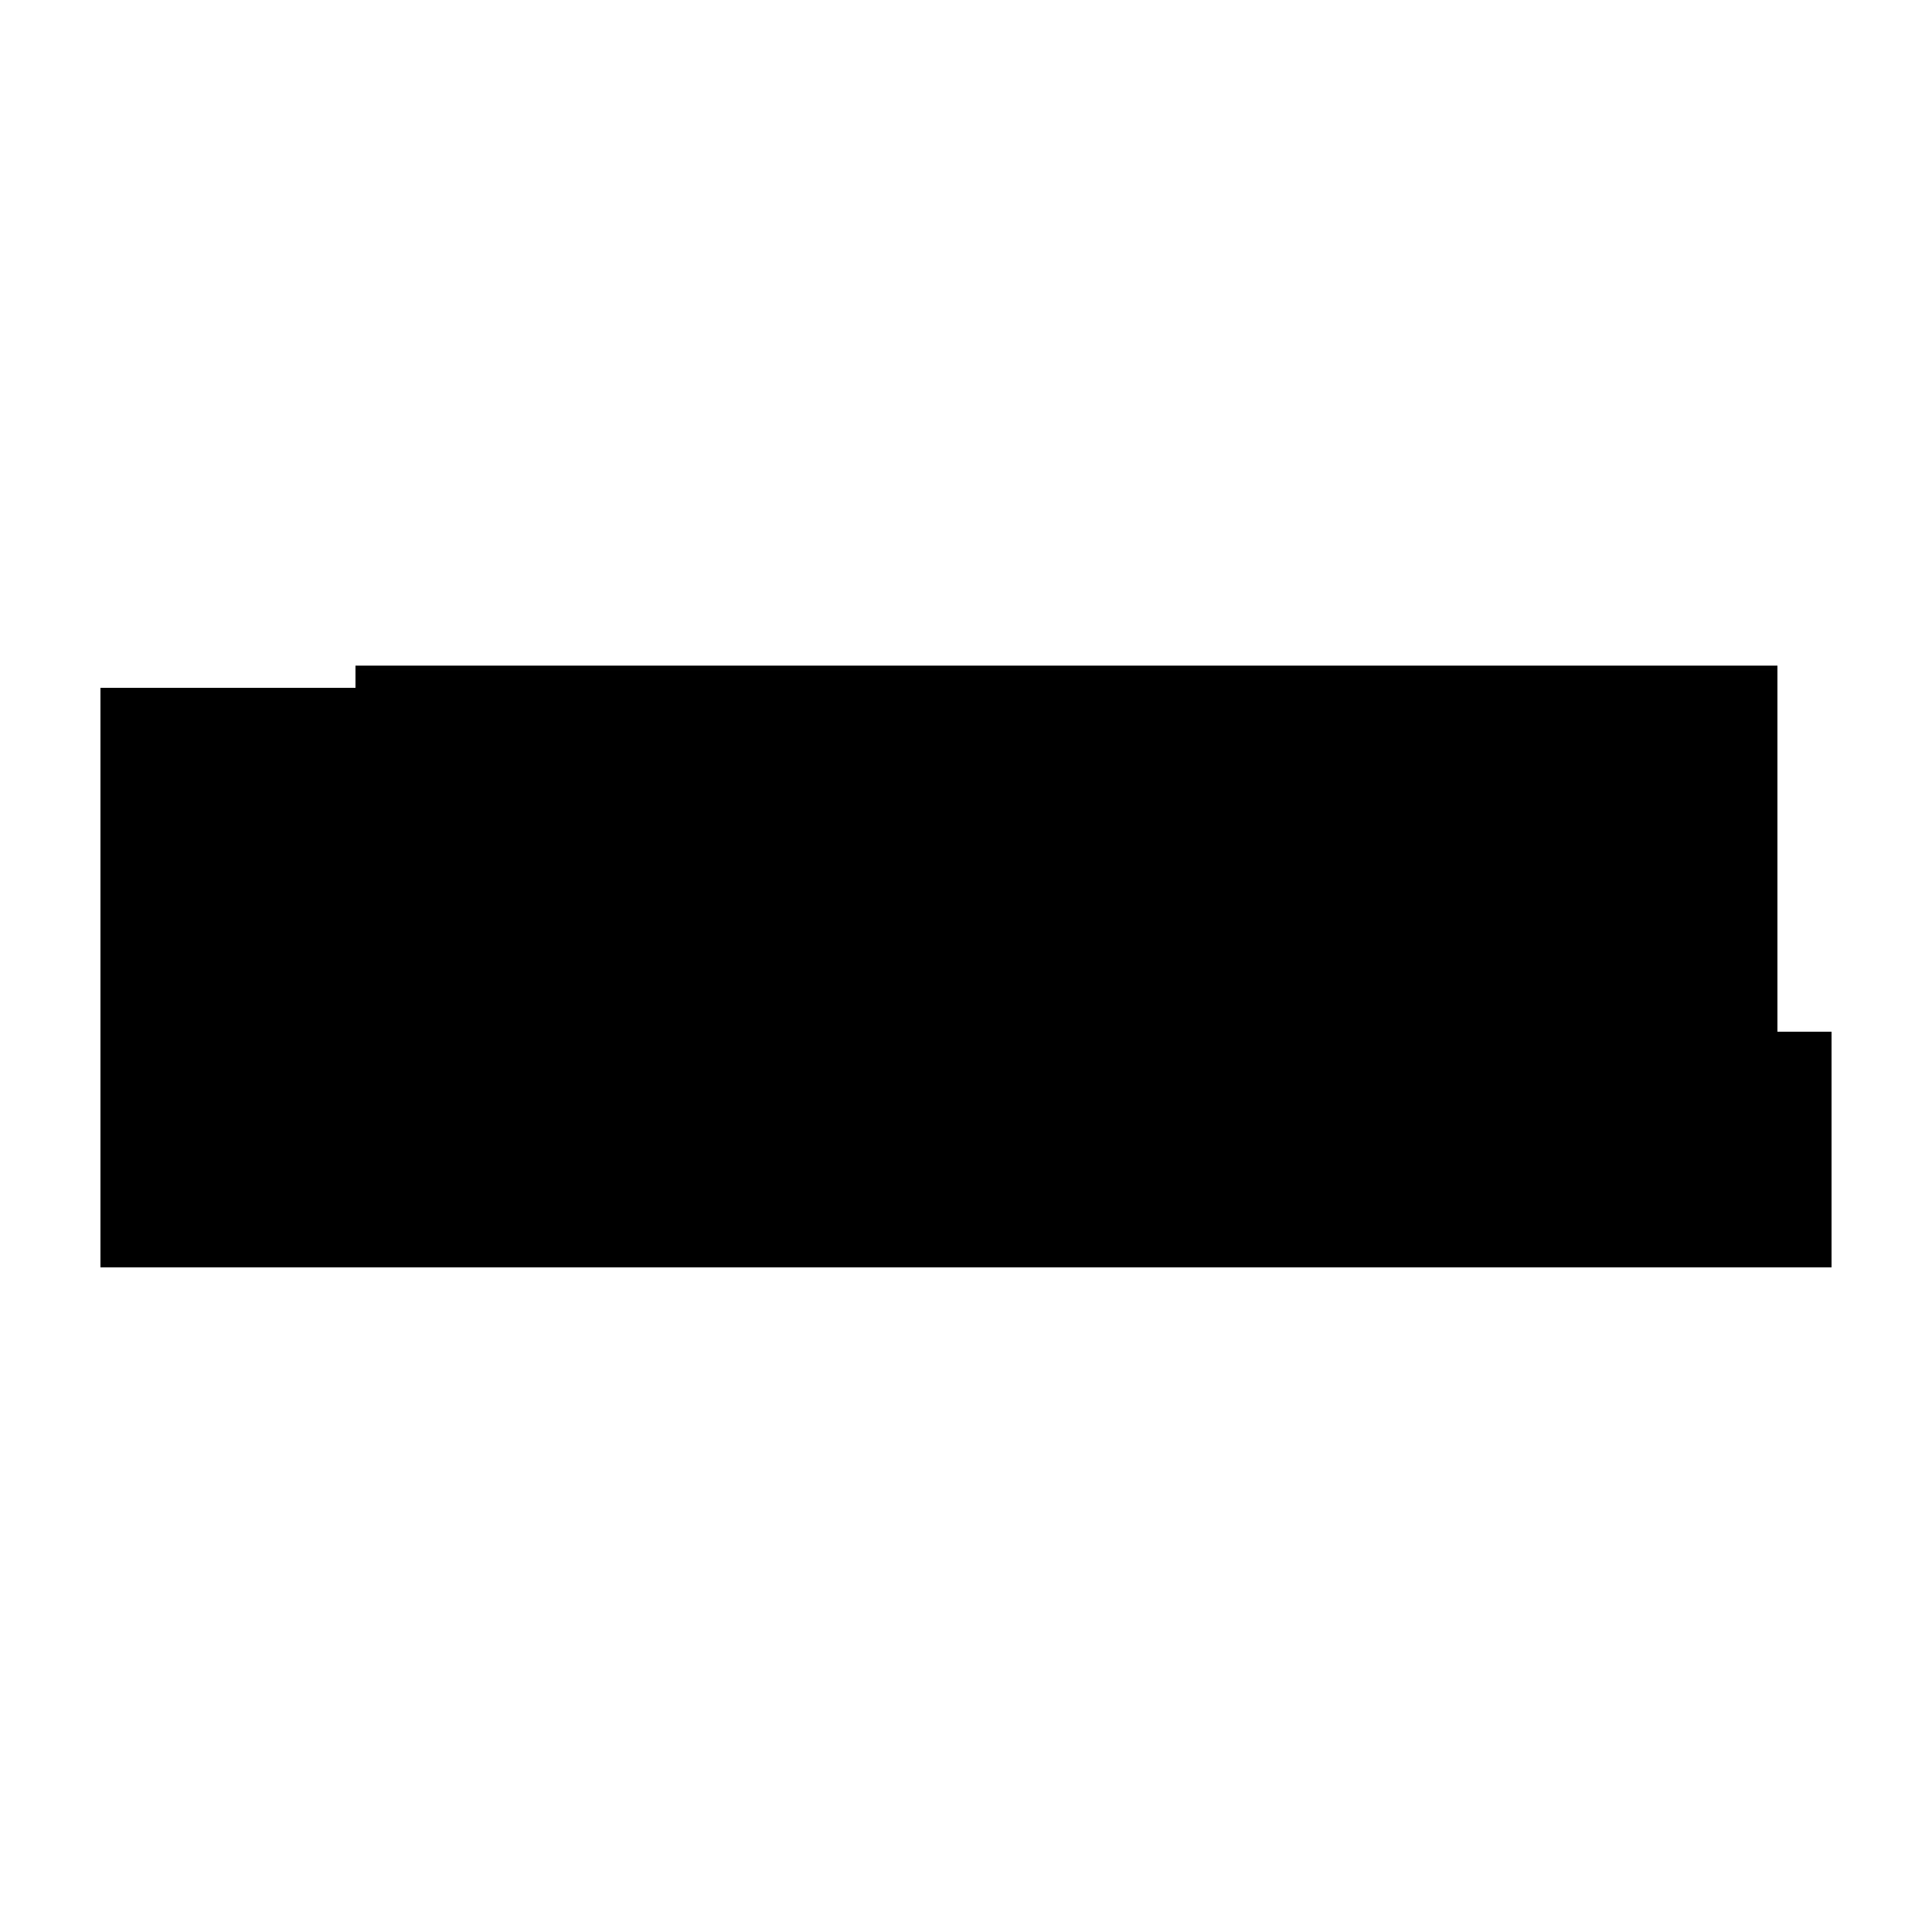 ジェンヌ・インターナショナル株式会社のロゴ写真